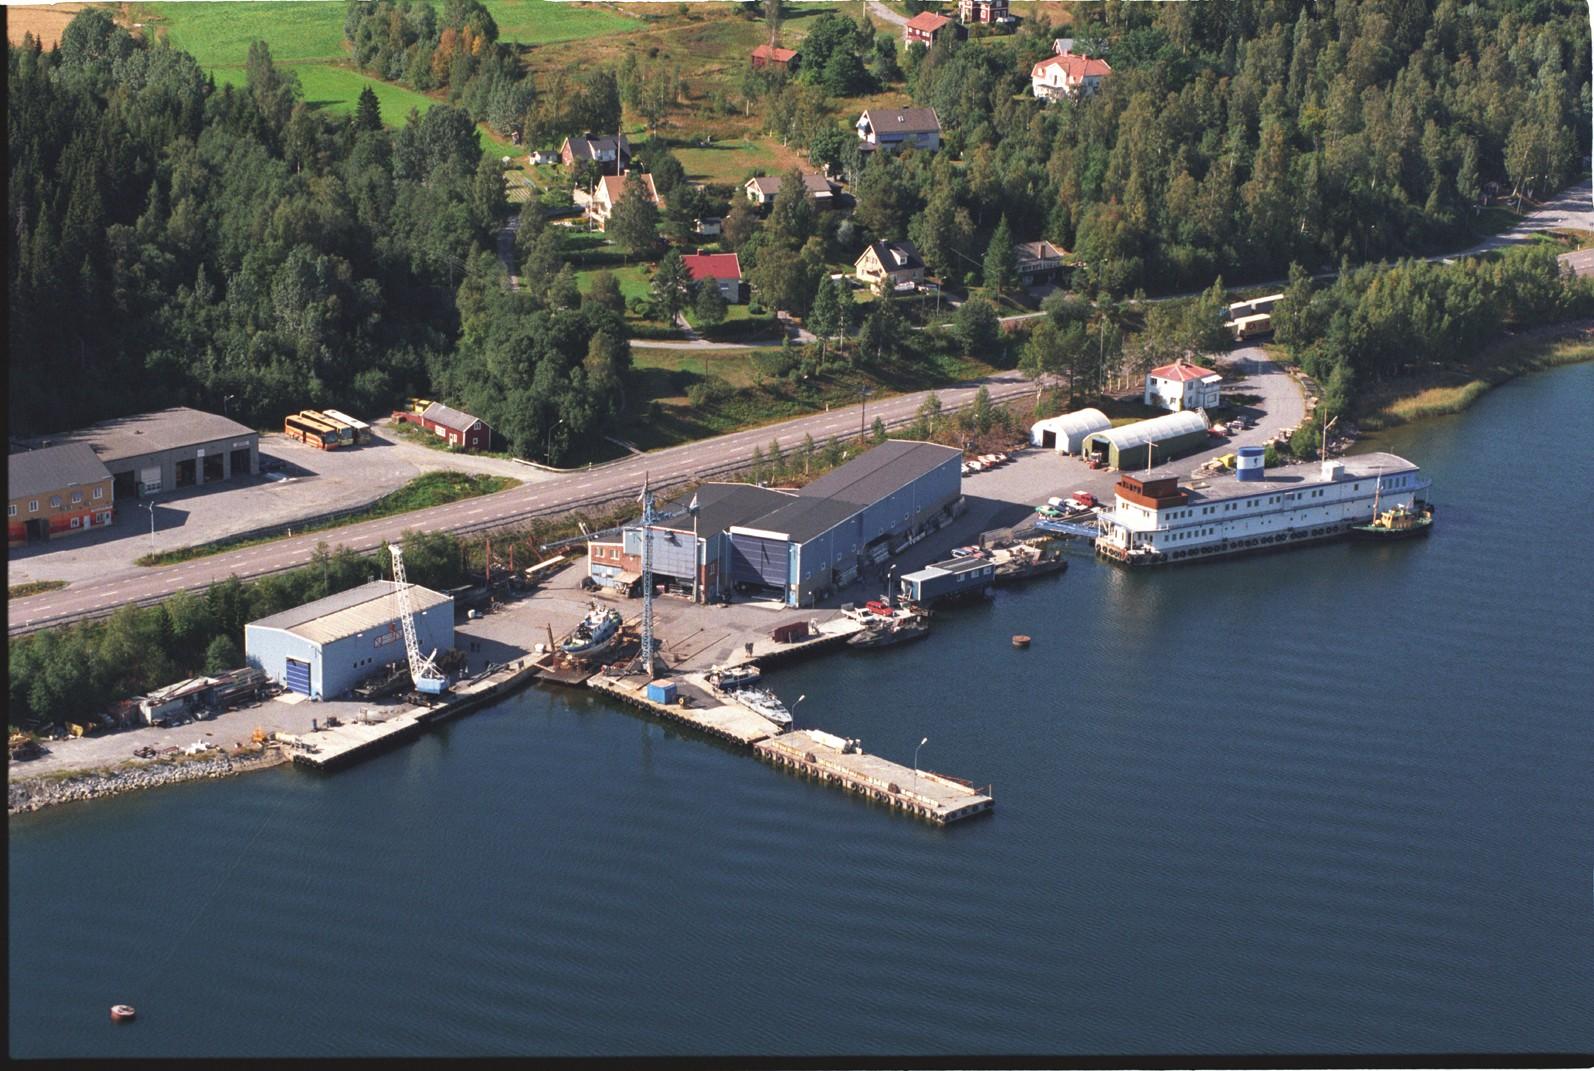 Панорамный вид приобретаемой шведской группой Saab AB судостроительной верфи N. Sundin Dockstavarvet AB в Докста (Швеция).